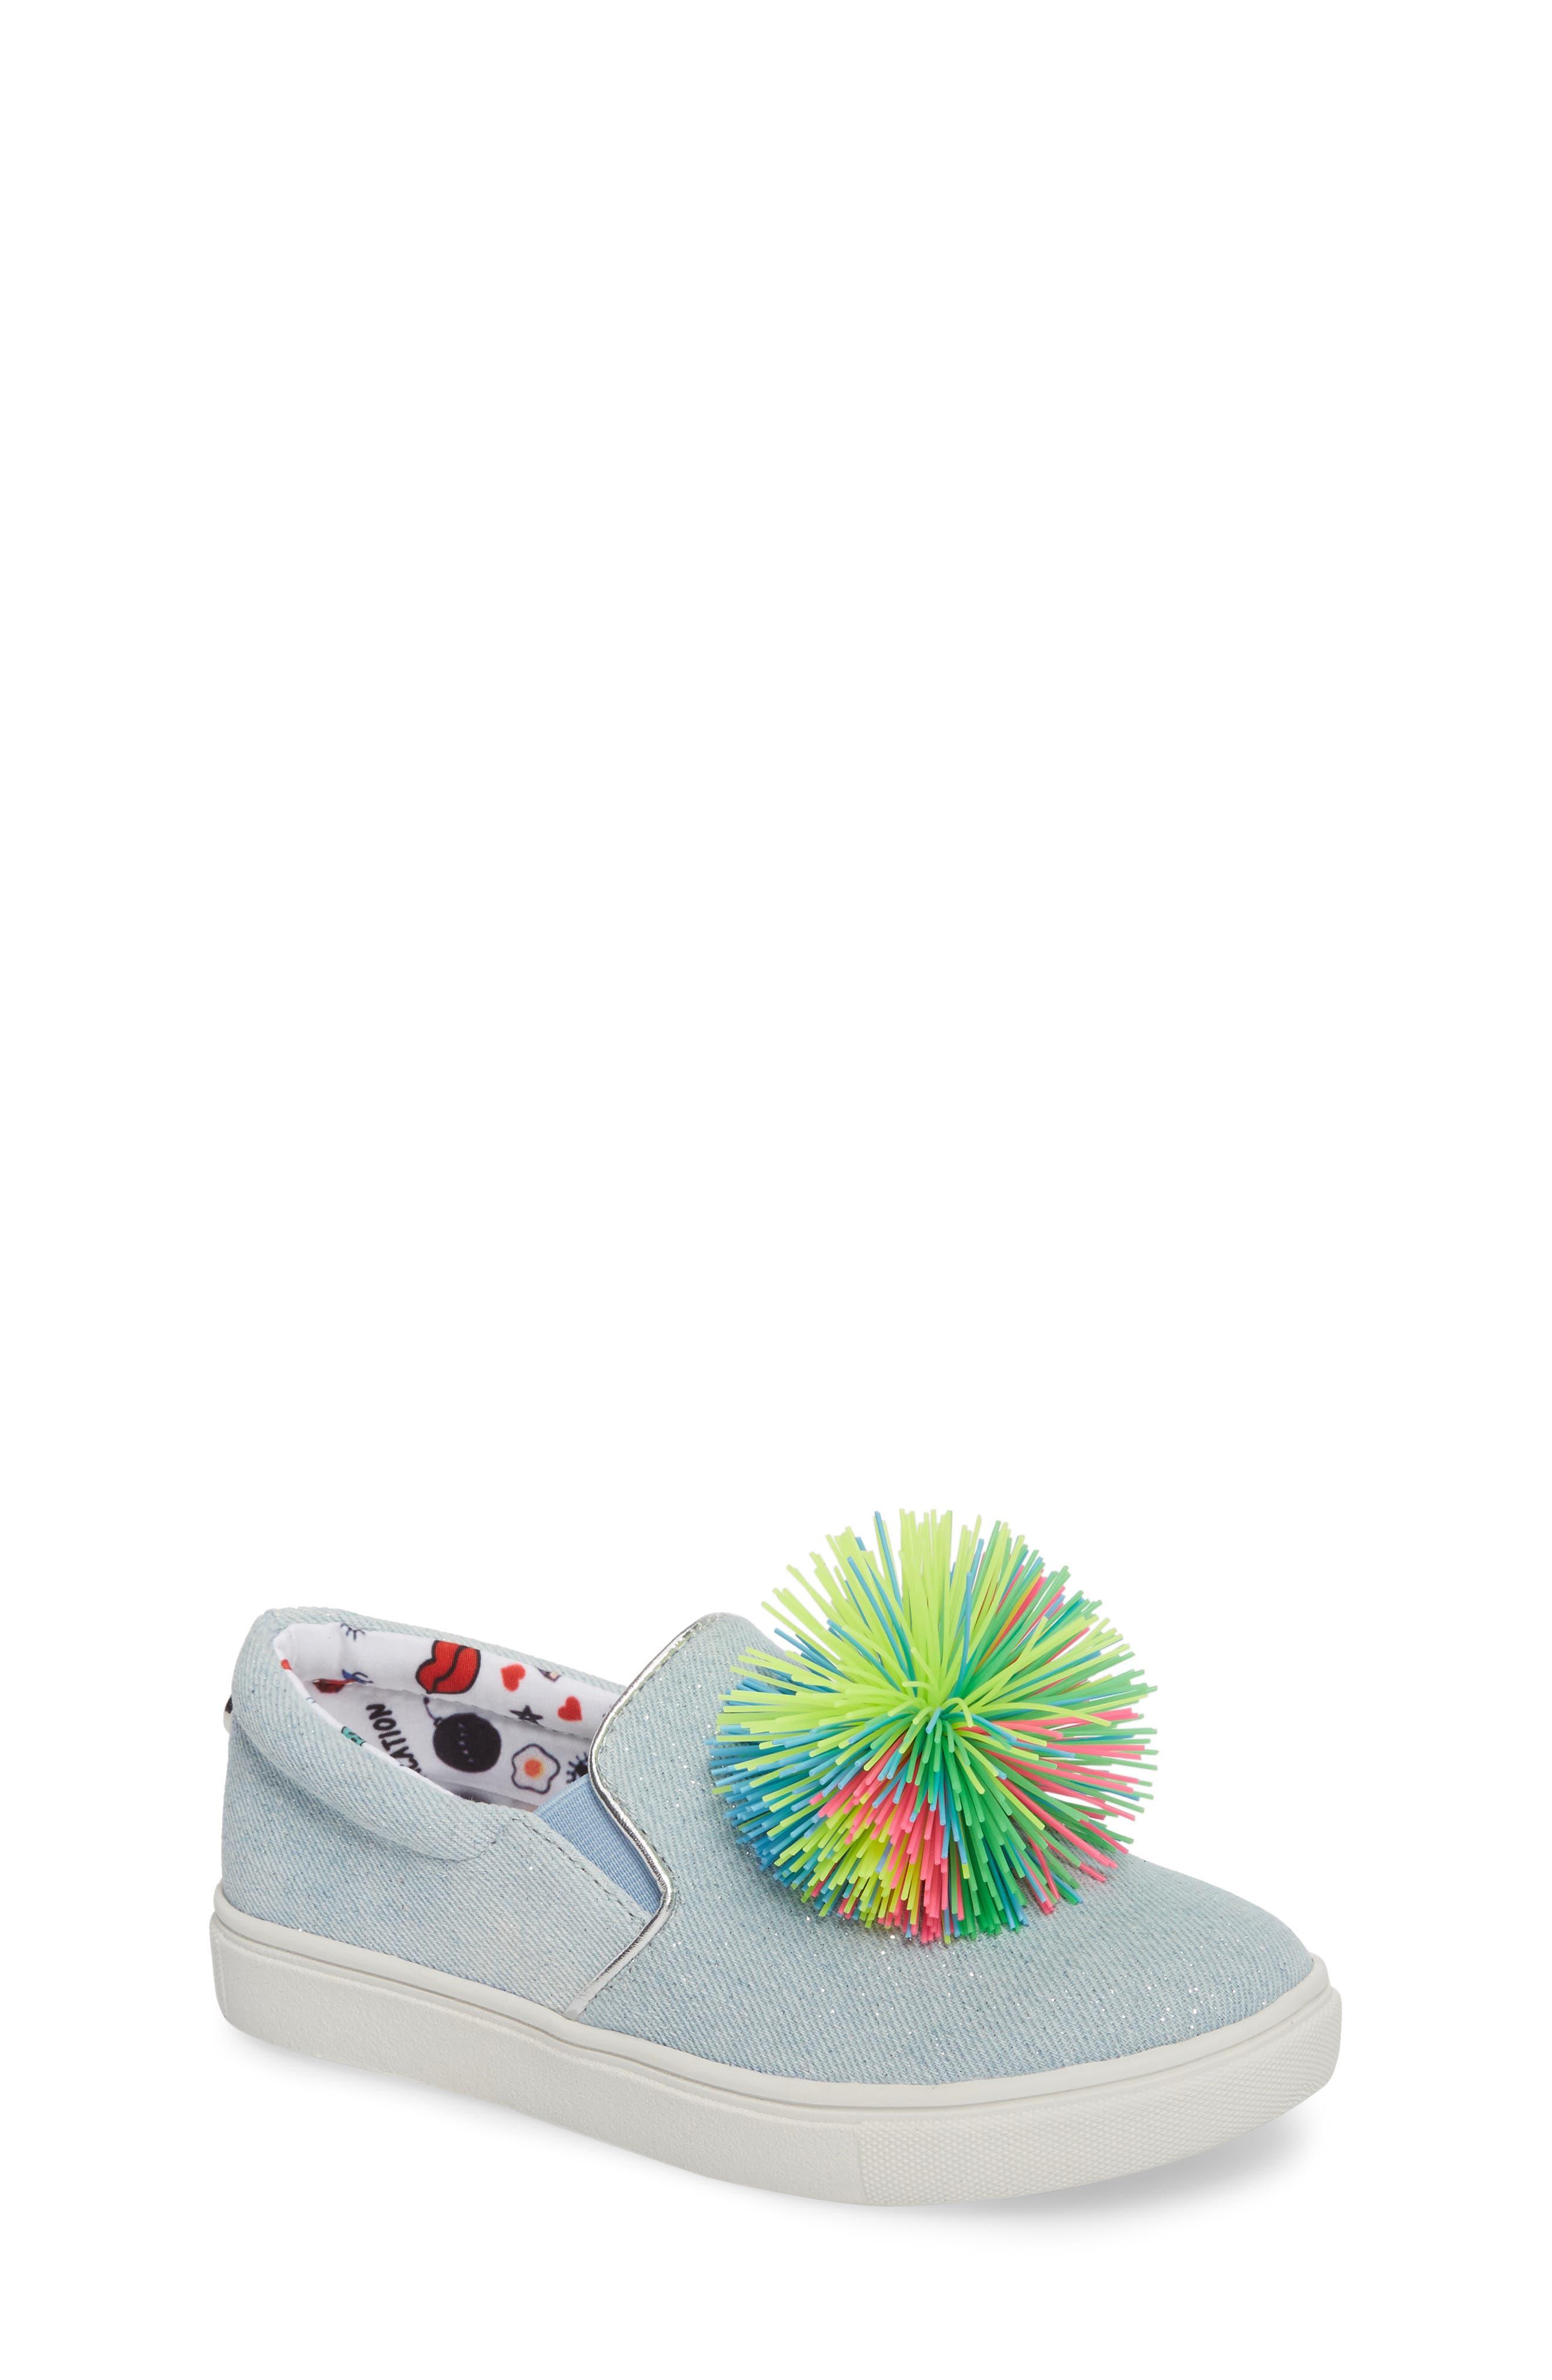 Main Image - Steve Madden Pompom Slip-On Sneaker (Little Kid & Big Kid)